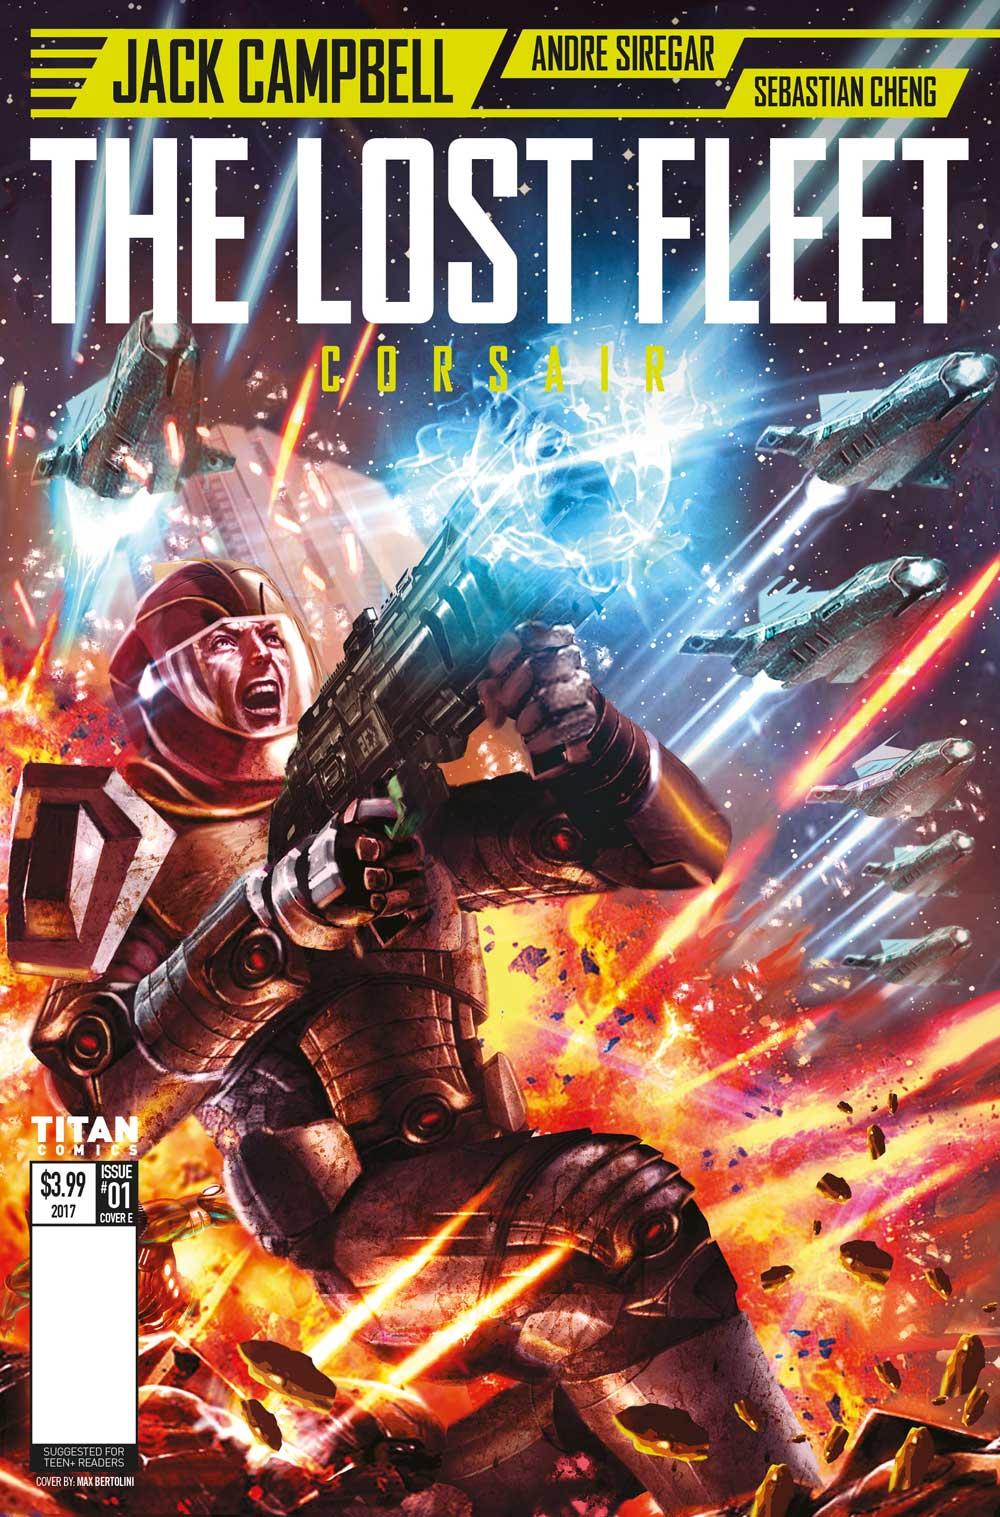 Lost_Fleet_Corsair_Max-Bertolini E.jpg